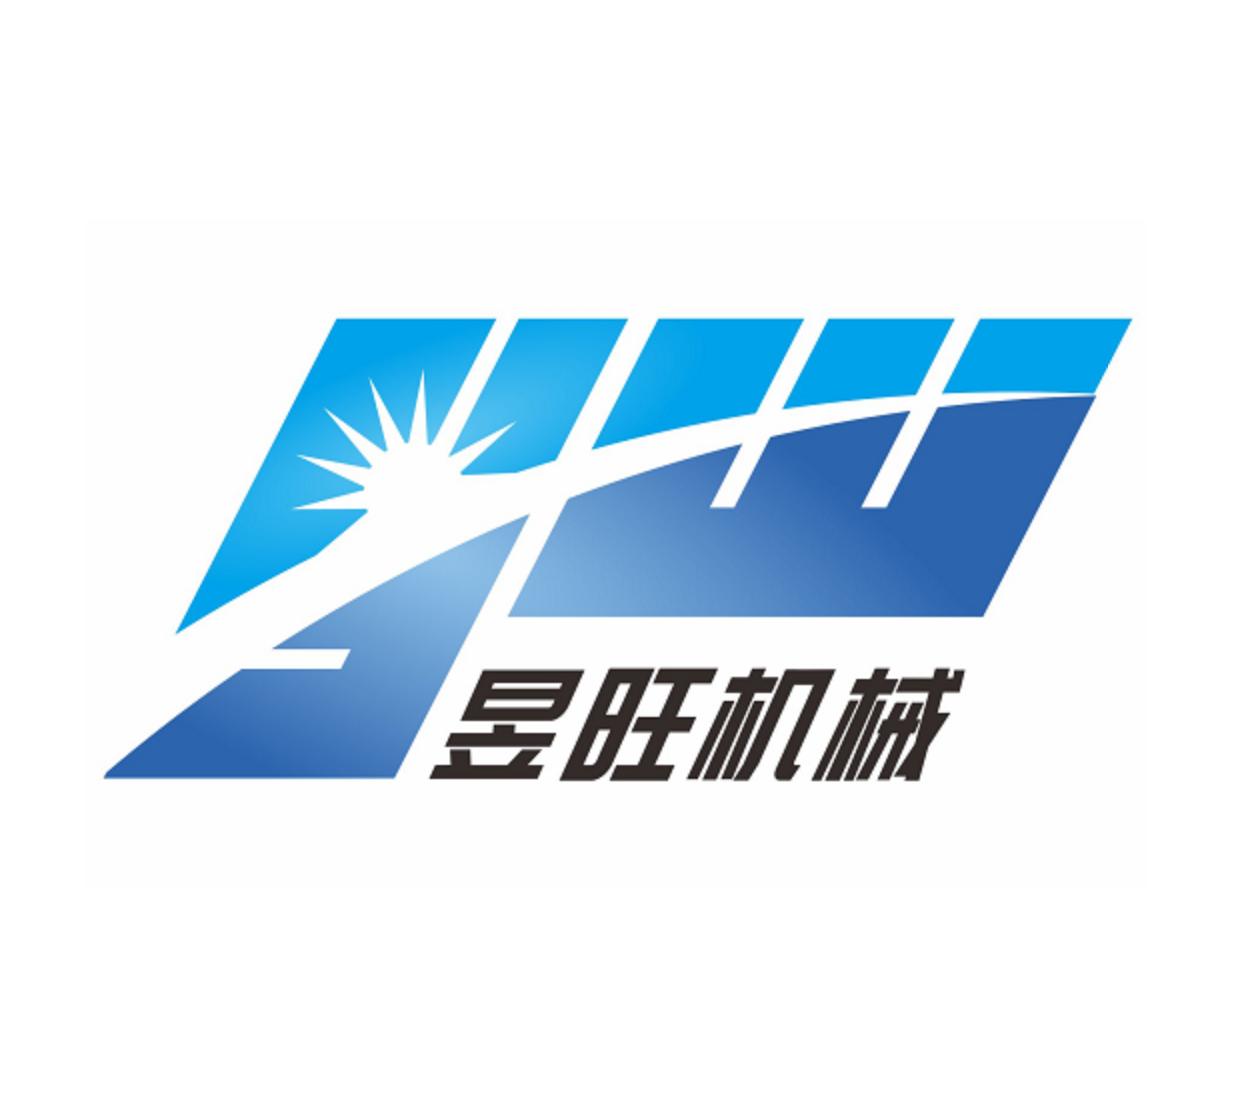 上海昱旺機械科技有限公司